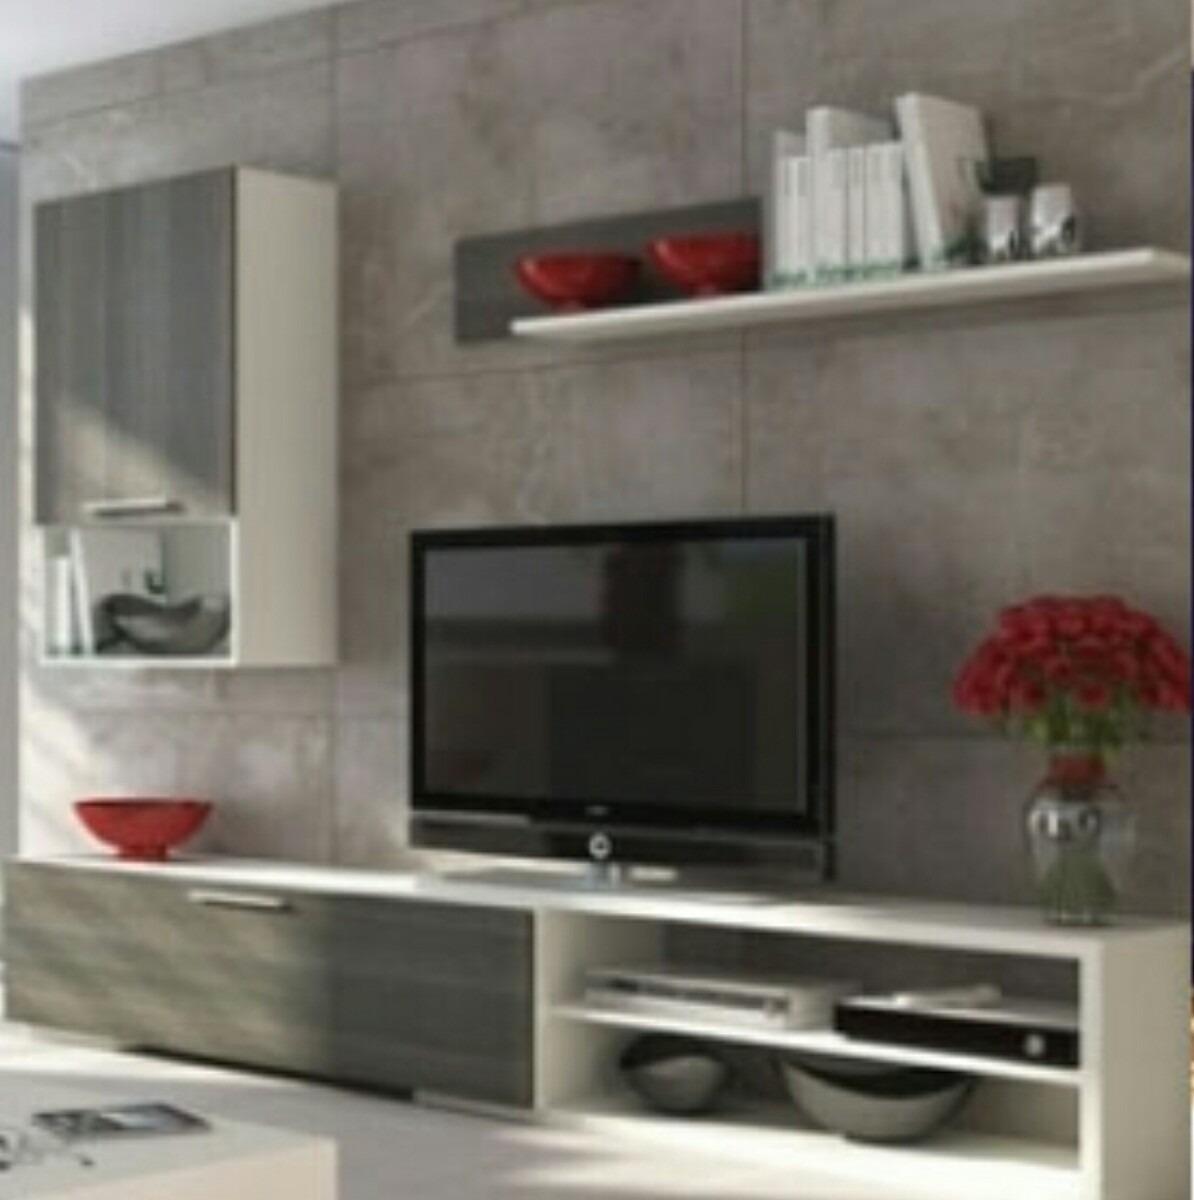 Muebles modulares para tv u s 550 00 en mercado libre for Muebles modulares